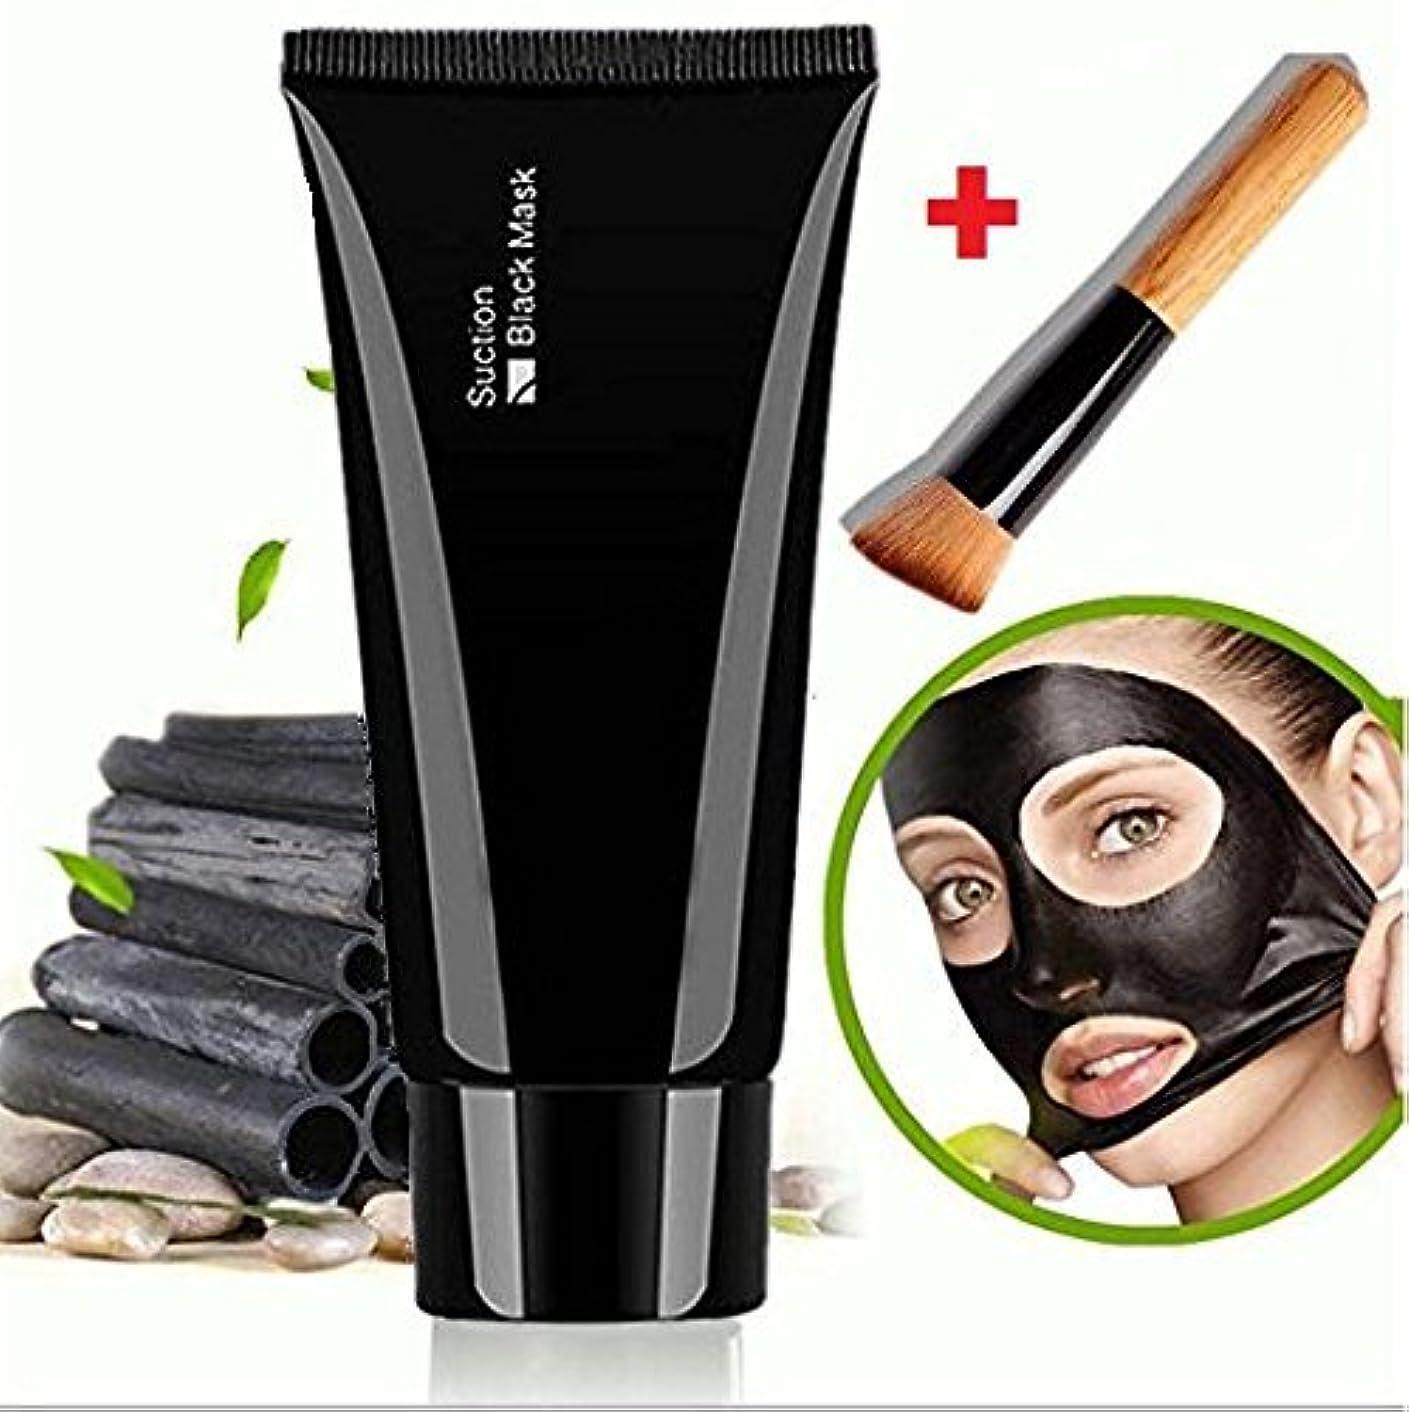 眉をひそめるウールずんぐりしたFacial Mask Black, Face Apeel Cleansing Mask Deep Cleanser Blackhead Acne Remover Peel off Mask + Wooden Brush